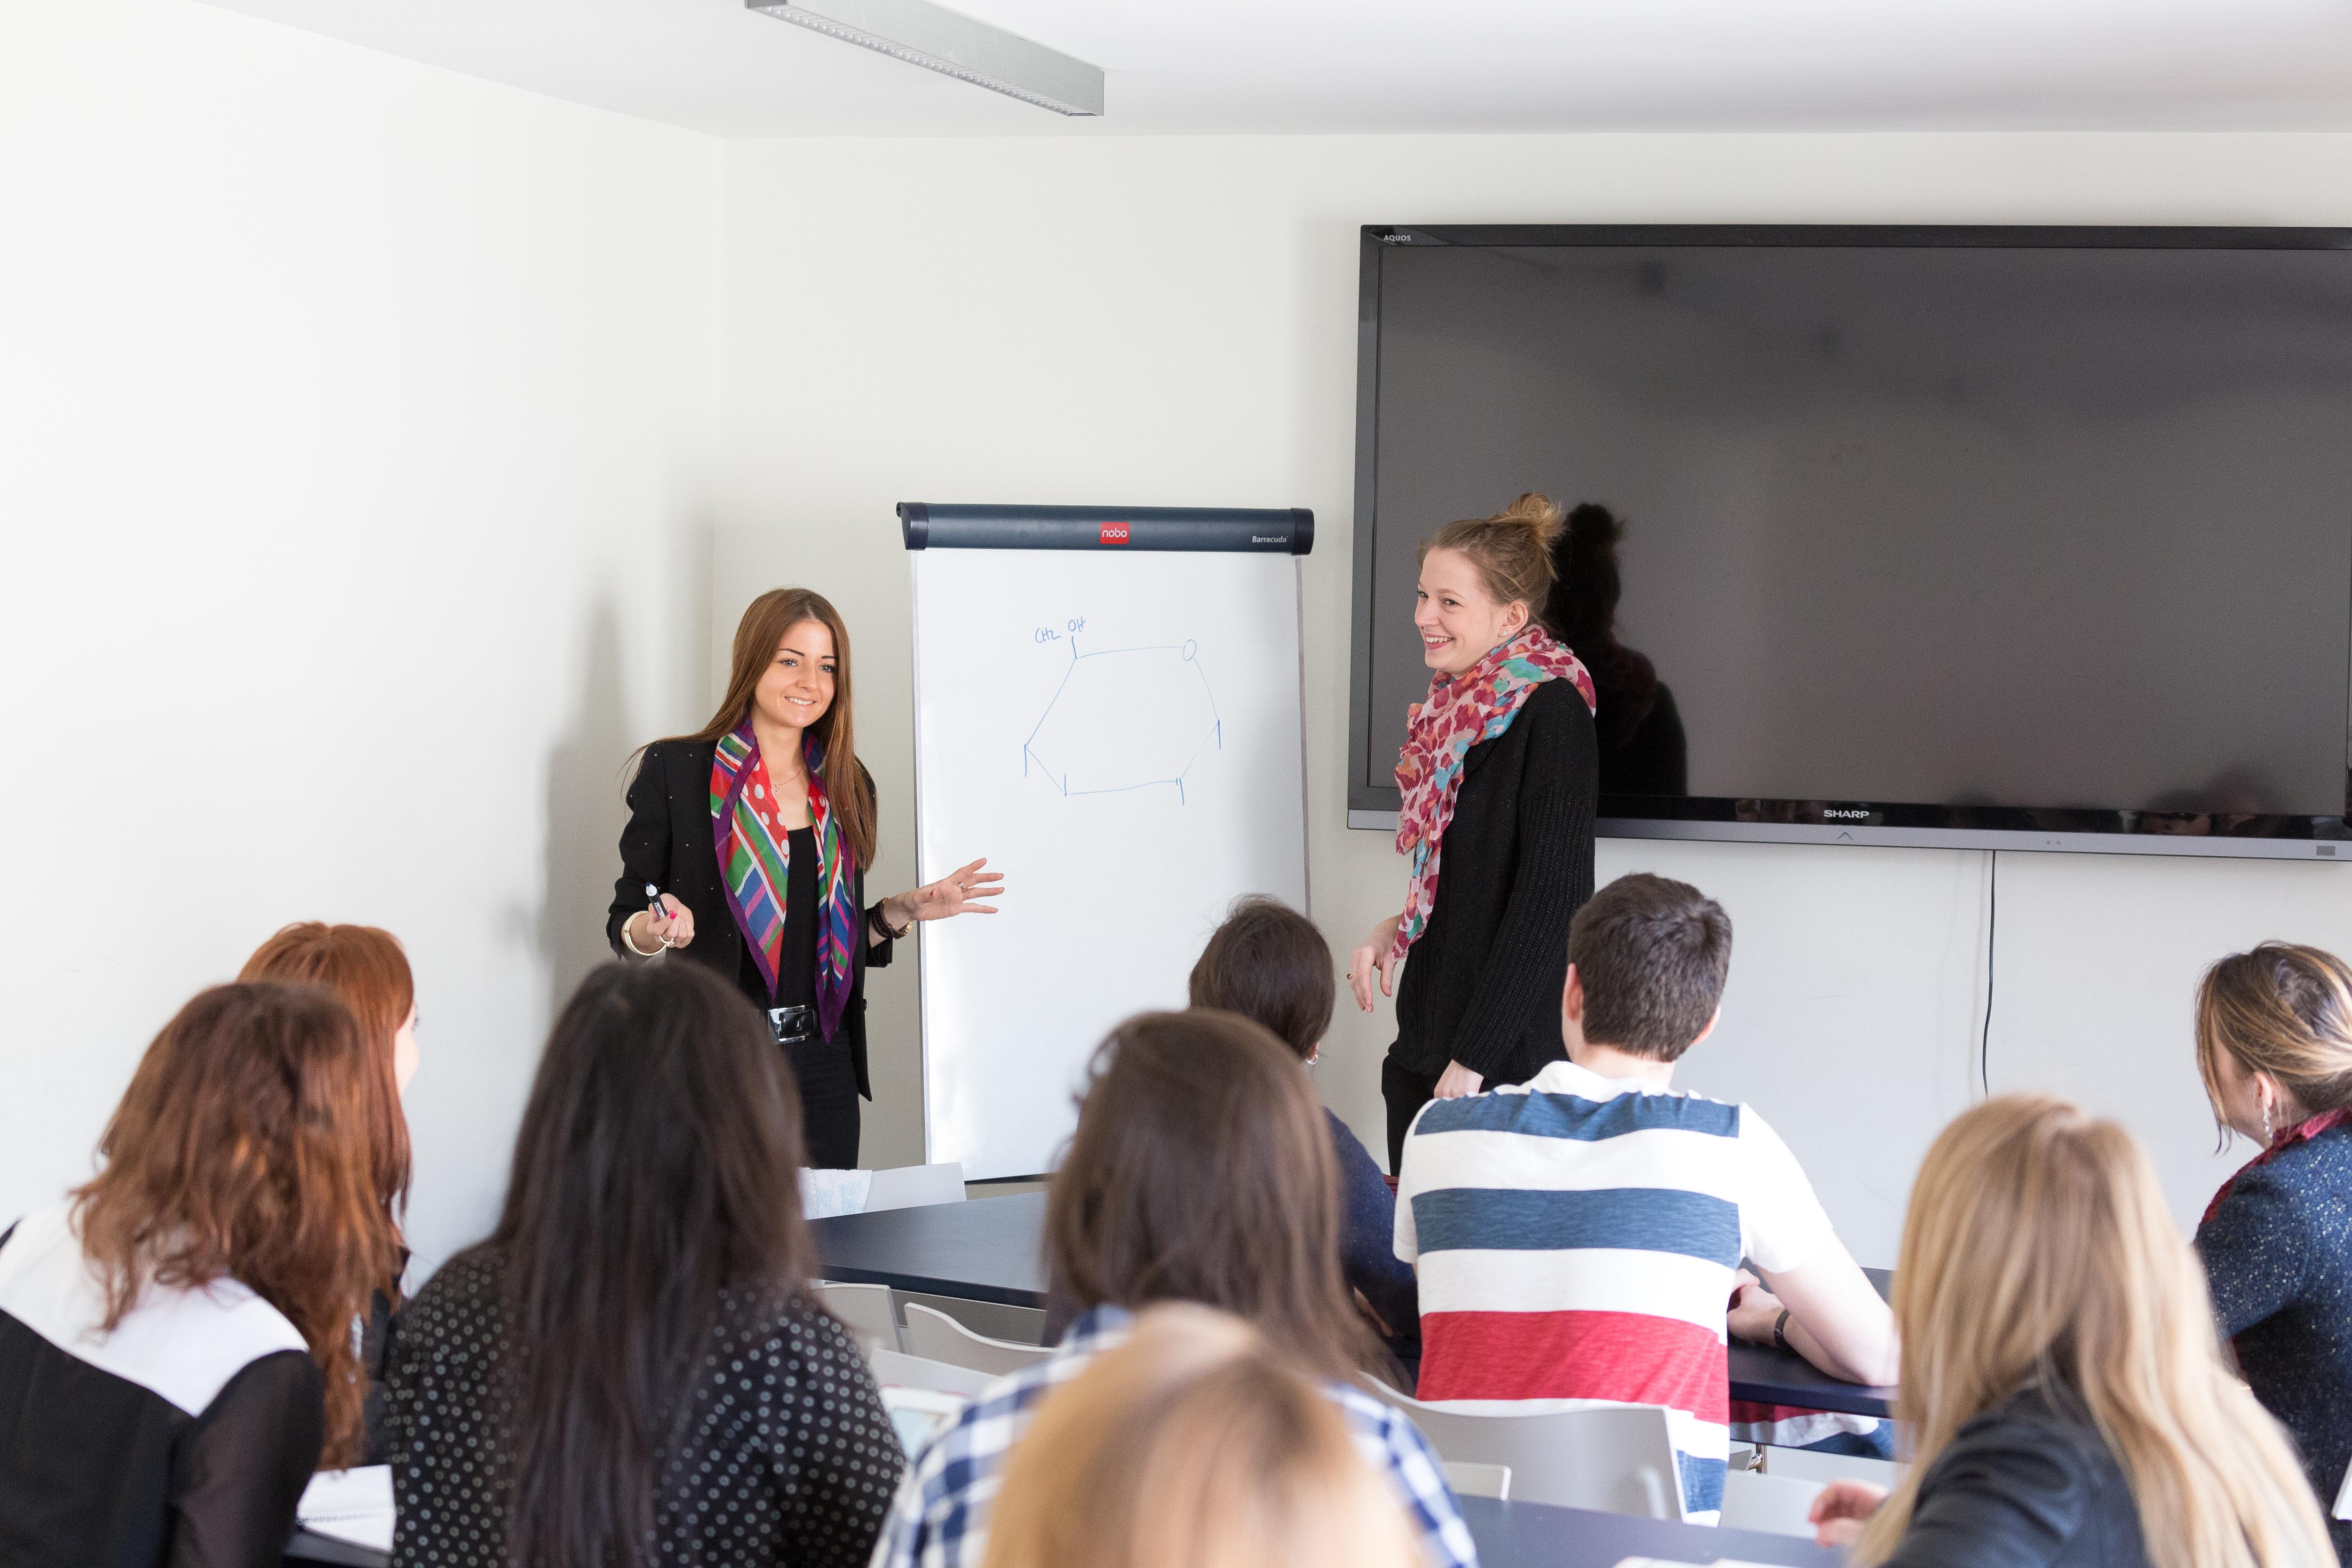 Cours-diderot-formations-superieures-bts-bachelor-master-lille-paris-toulouse-lyon-montpellier-marseille-aix-en-provence-nice-etudiants-classe-oral-presentation